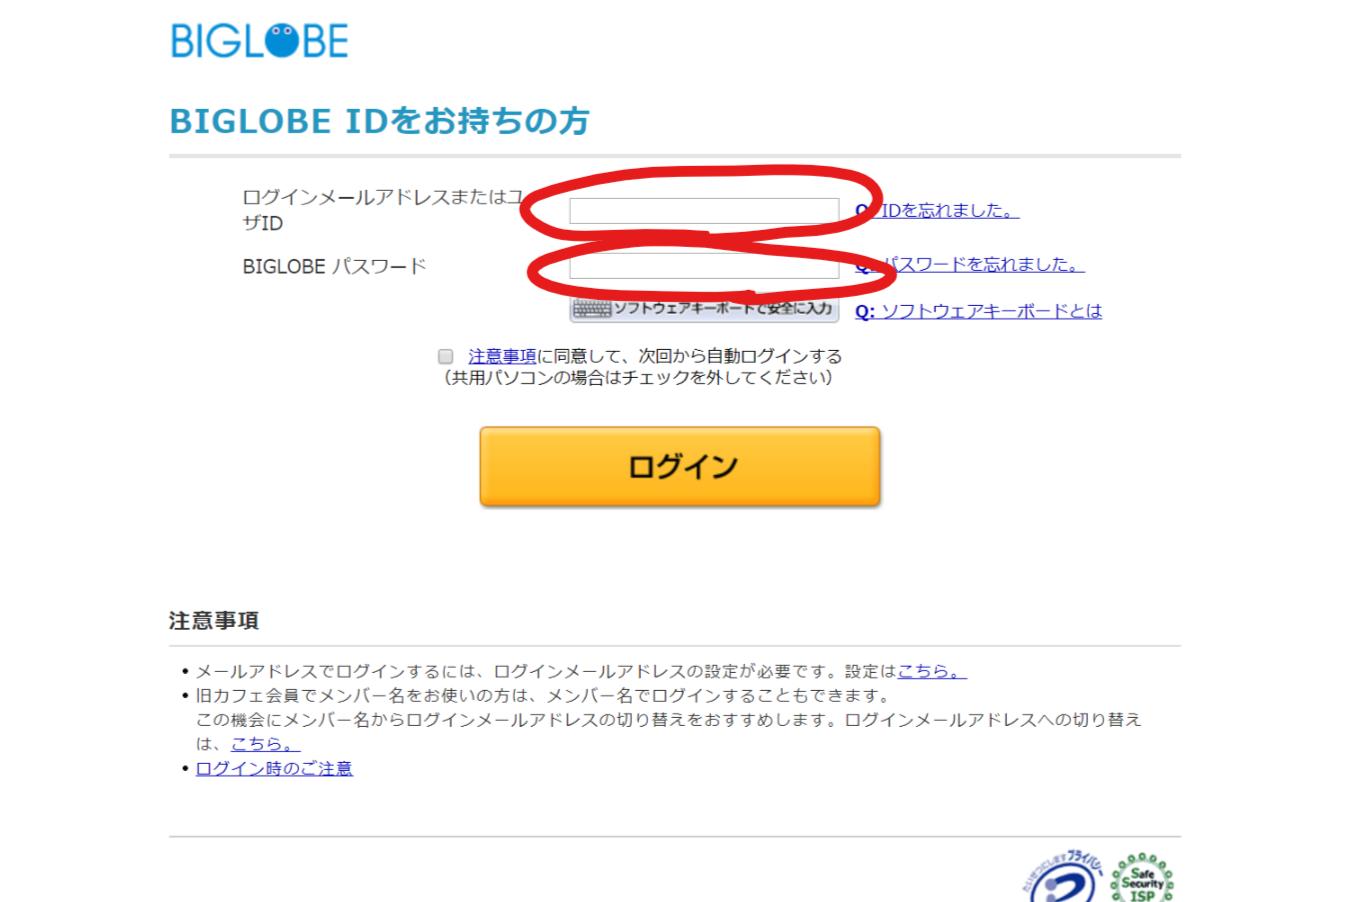 BIGLOBE ID PASS入力画面